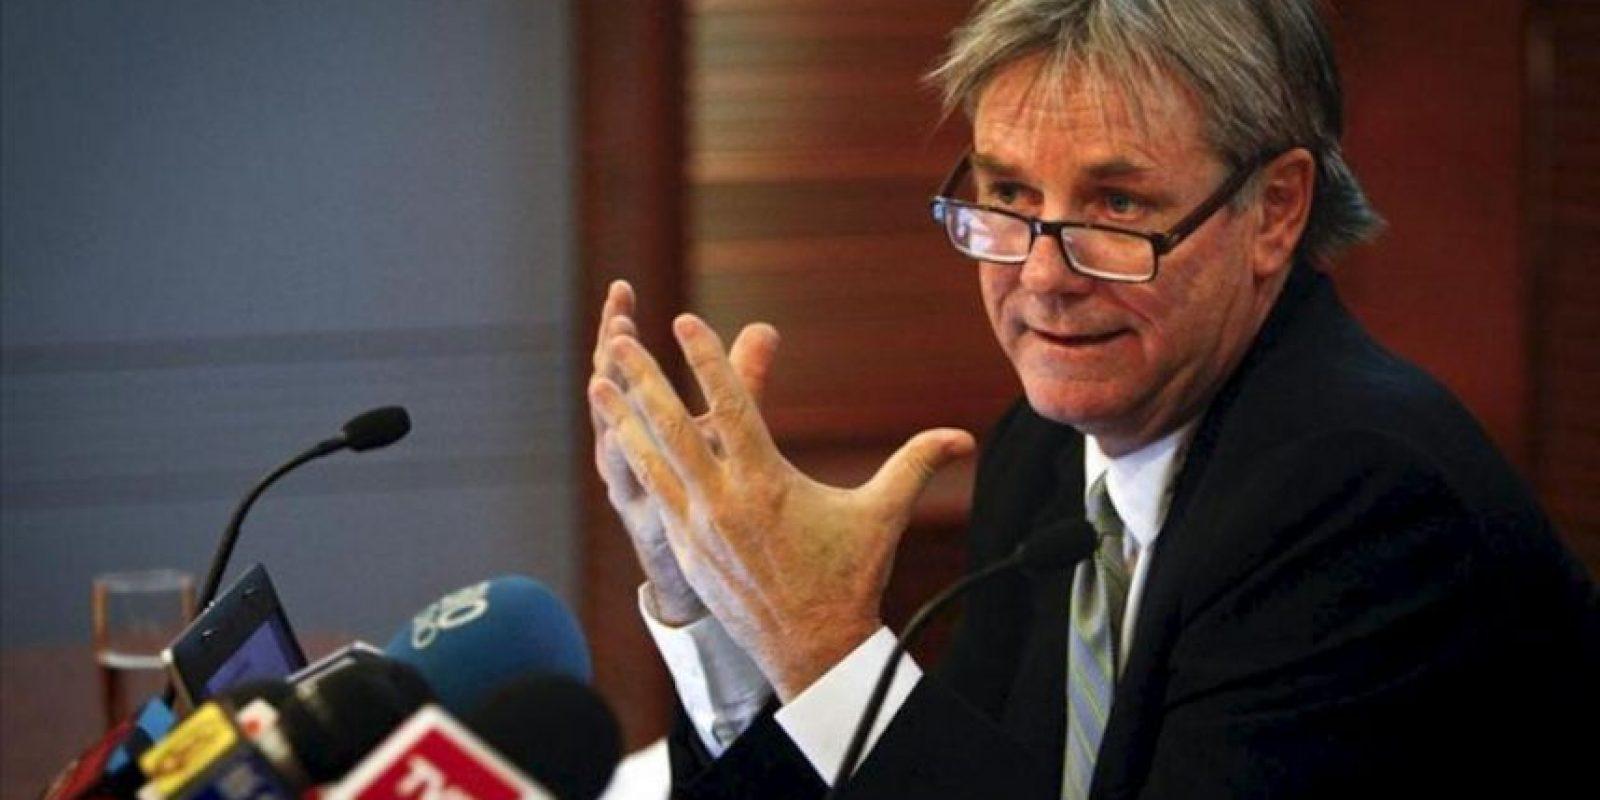 Fotografía cedida del vicepresidente de Administración y Finanzas de la empresa estatal chilena Codelco, Thomas Keller Lippold, durante una rueda de prensa en Santiago. EFE/CODELCO